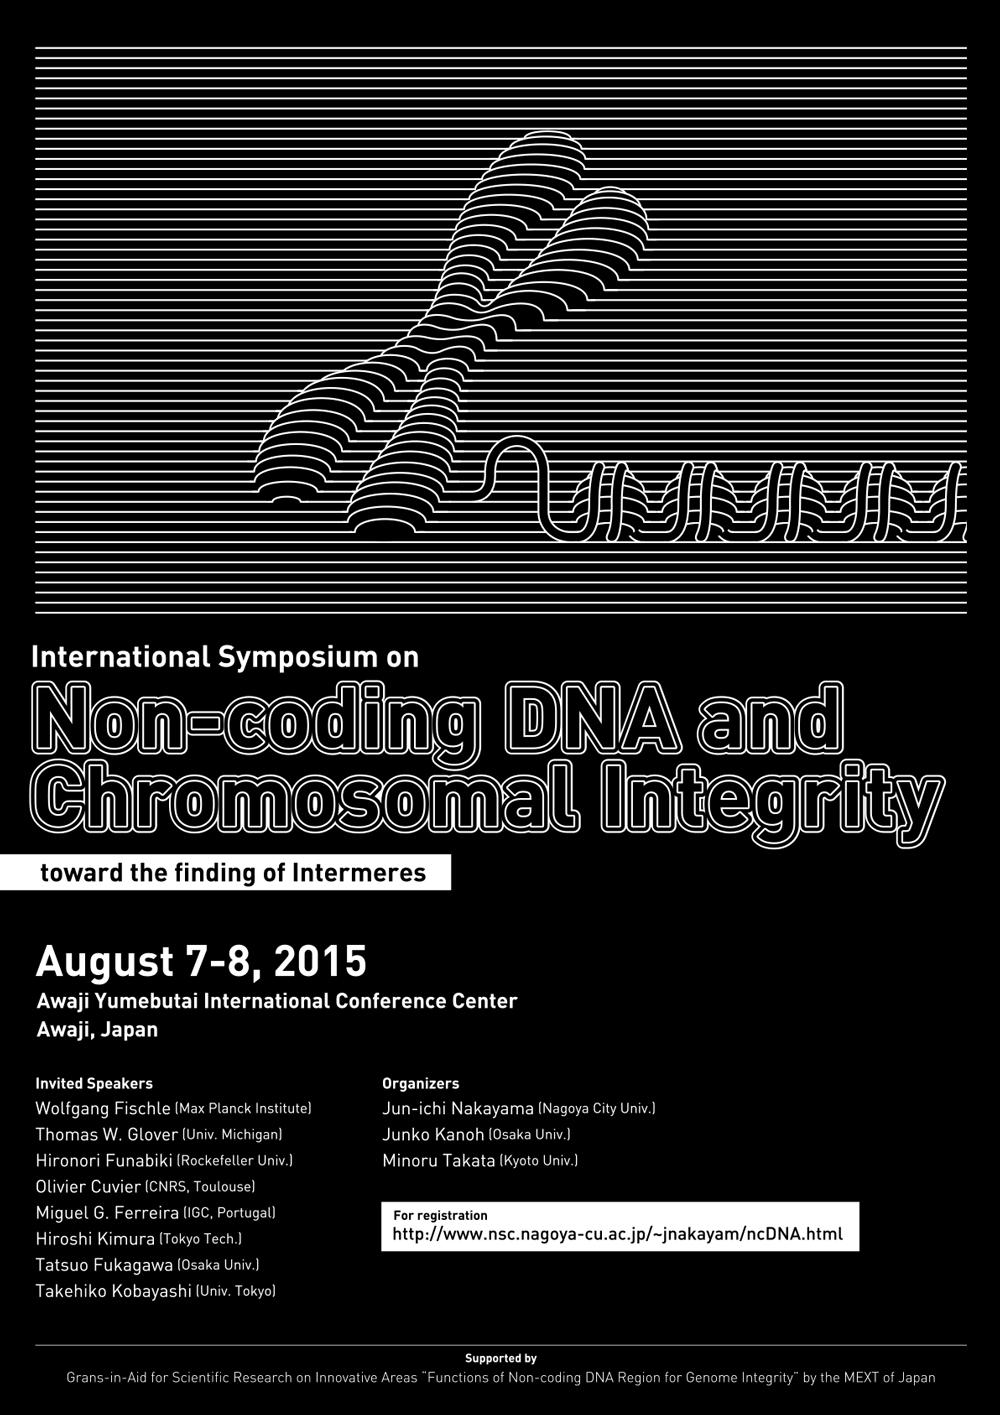 ゲノムを支える非コードDNA領域の機能